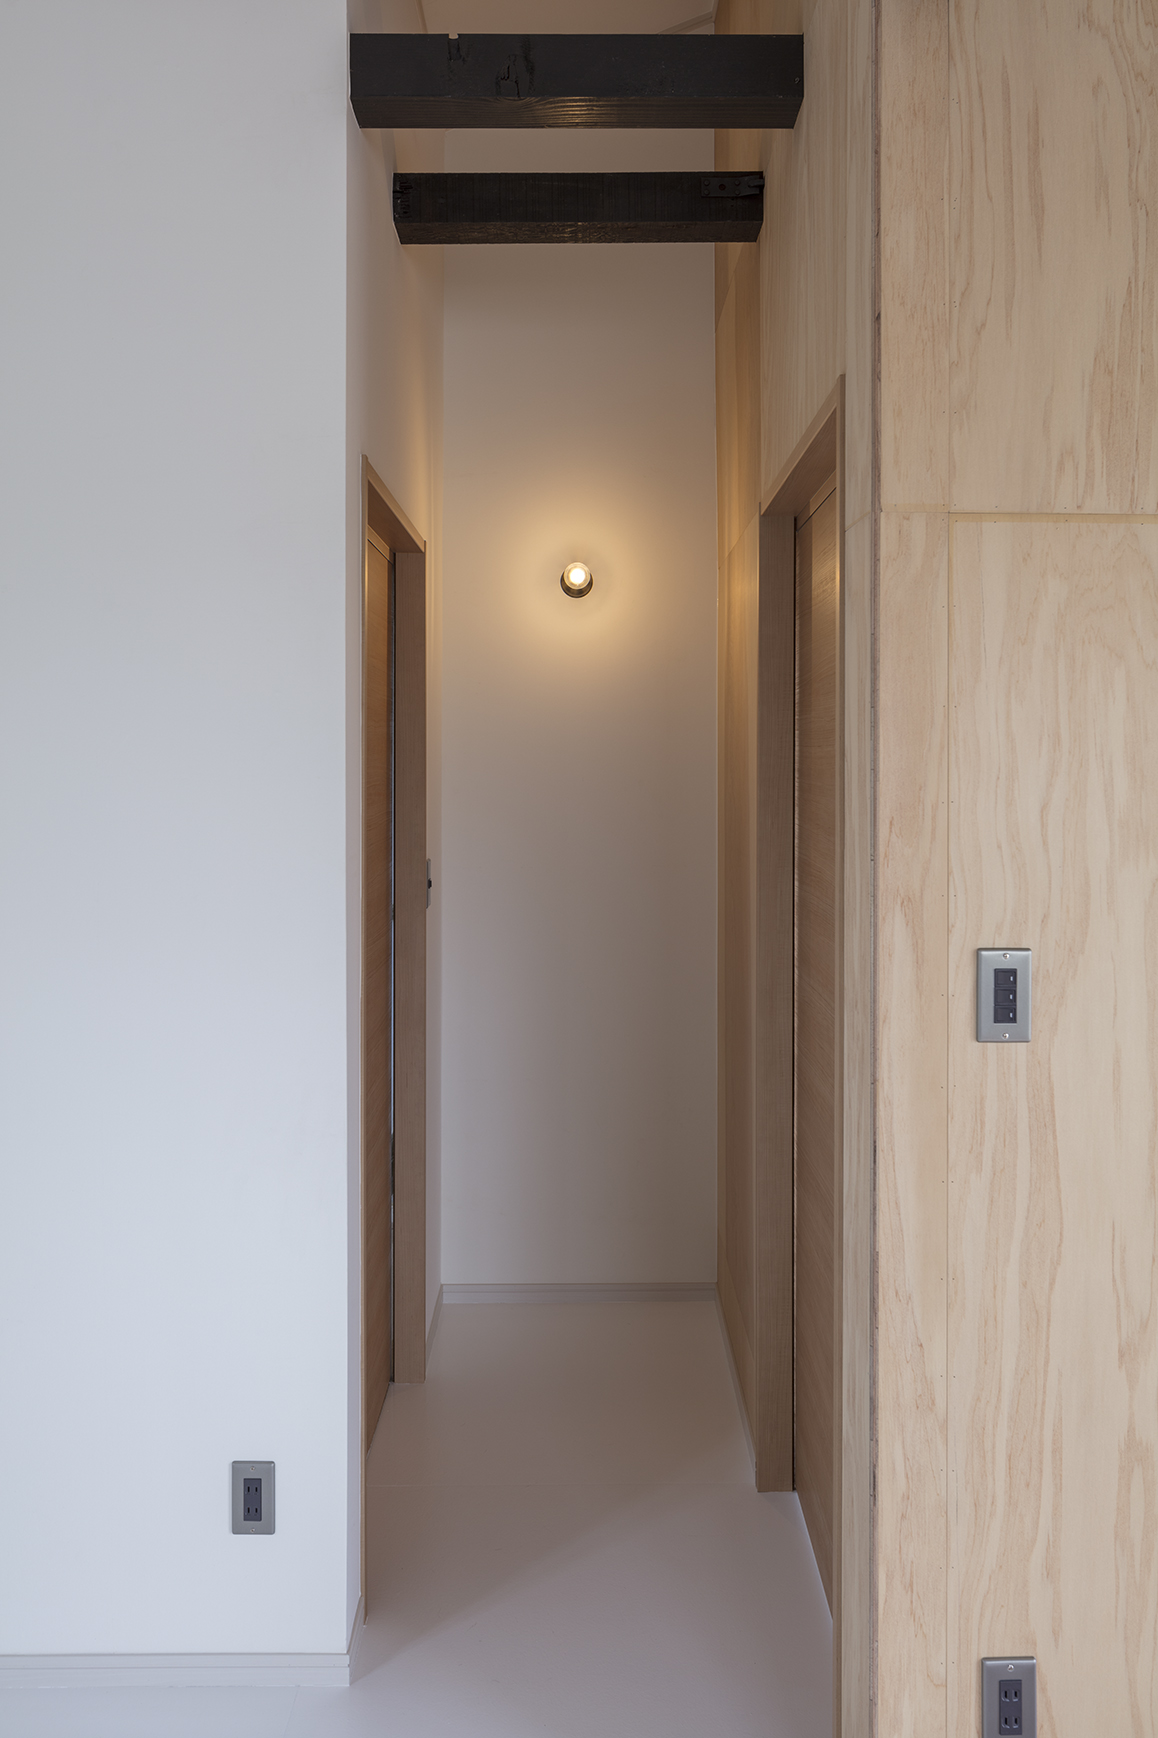 024_木更津の小さな家3